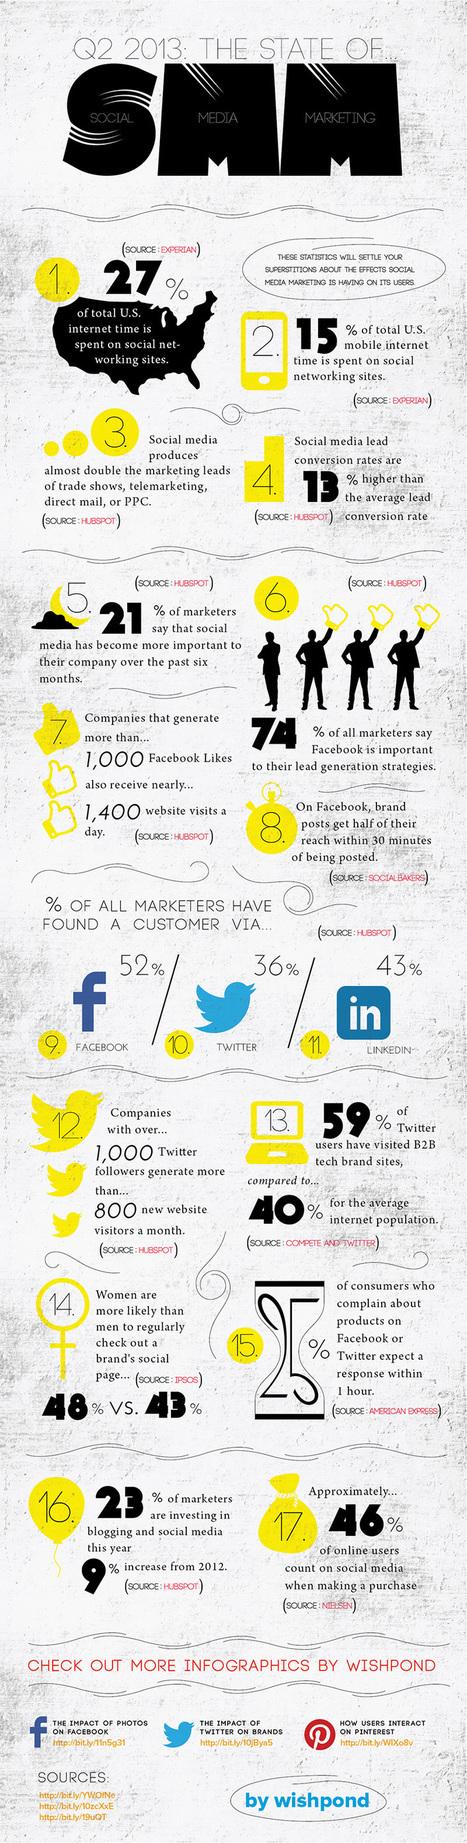 16 chiffres du Marketing des réseaux sociaux qui interpellent | Veille Marketing et Emarketing | Scoop.it